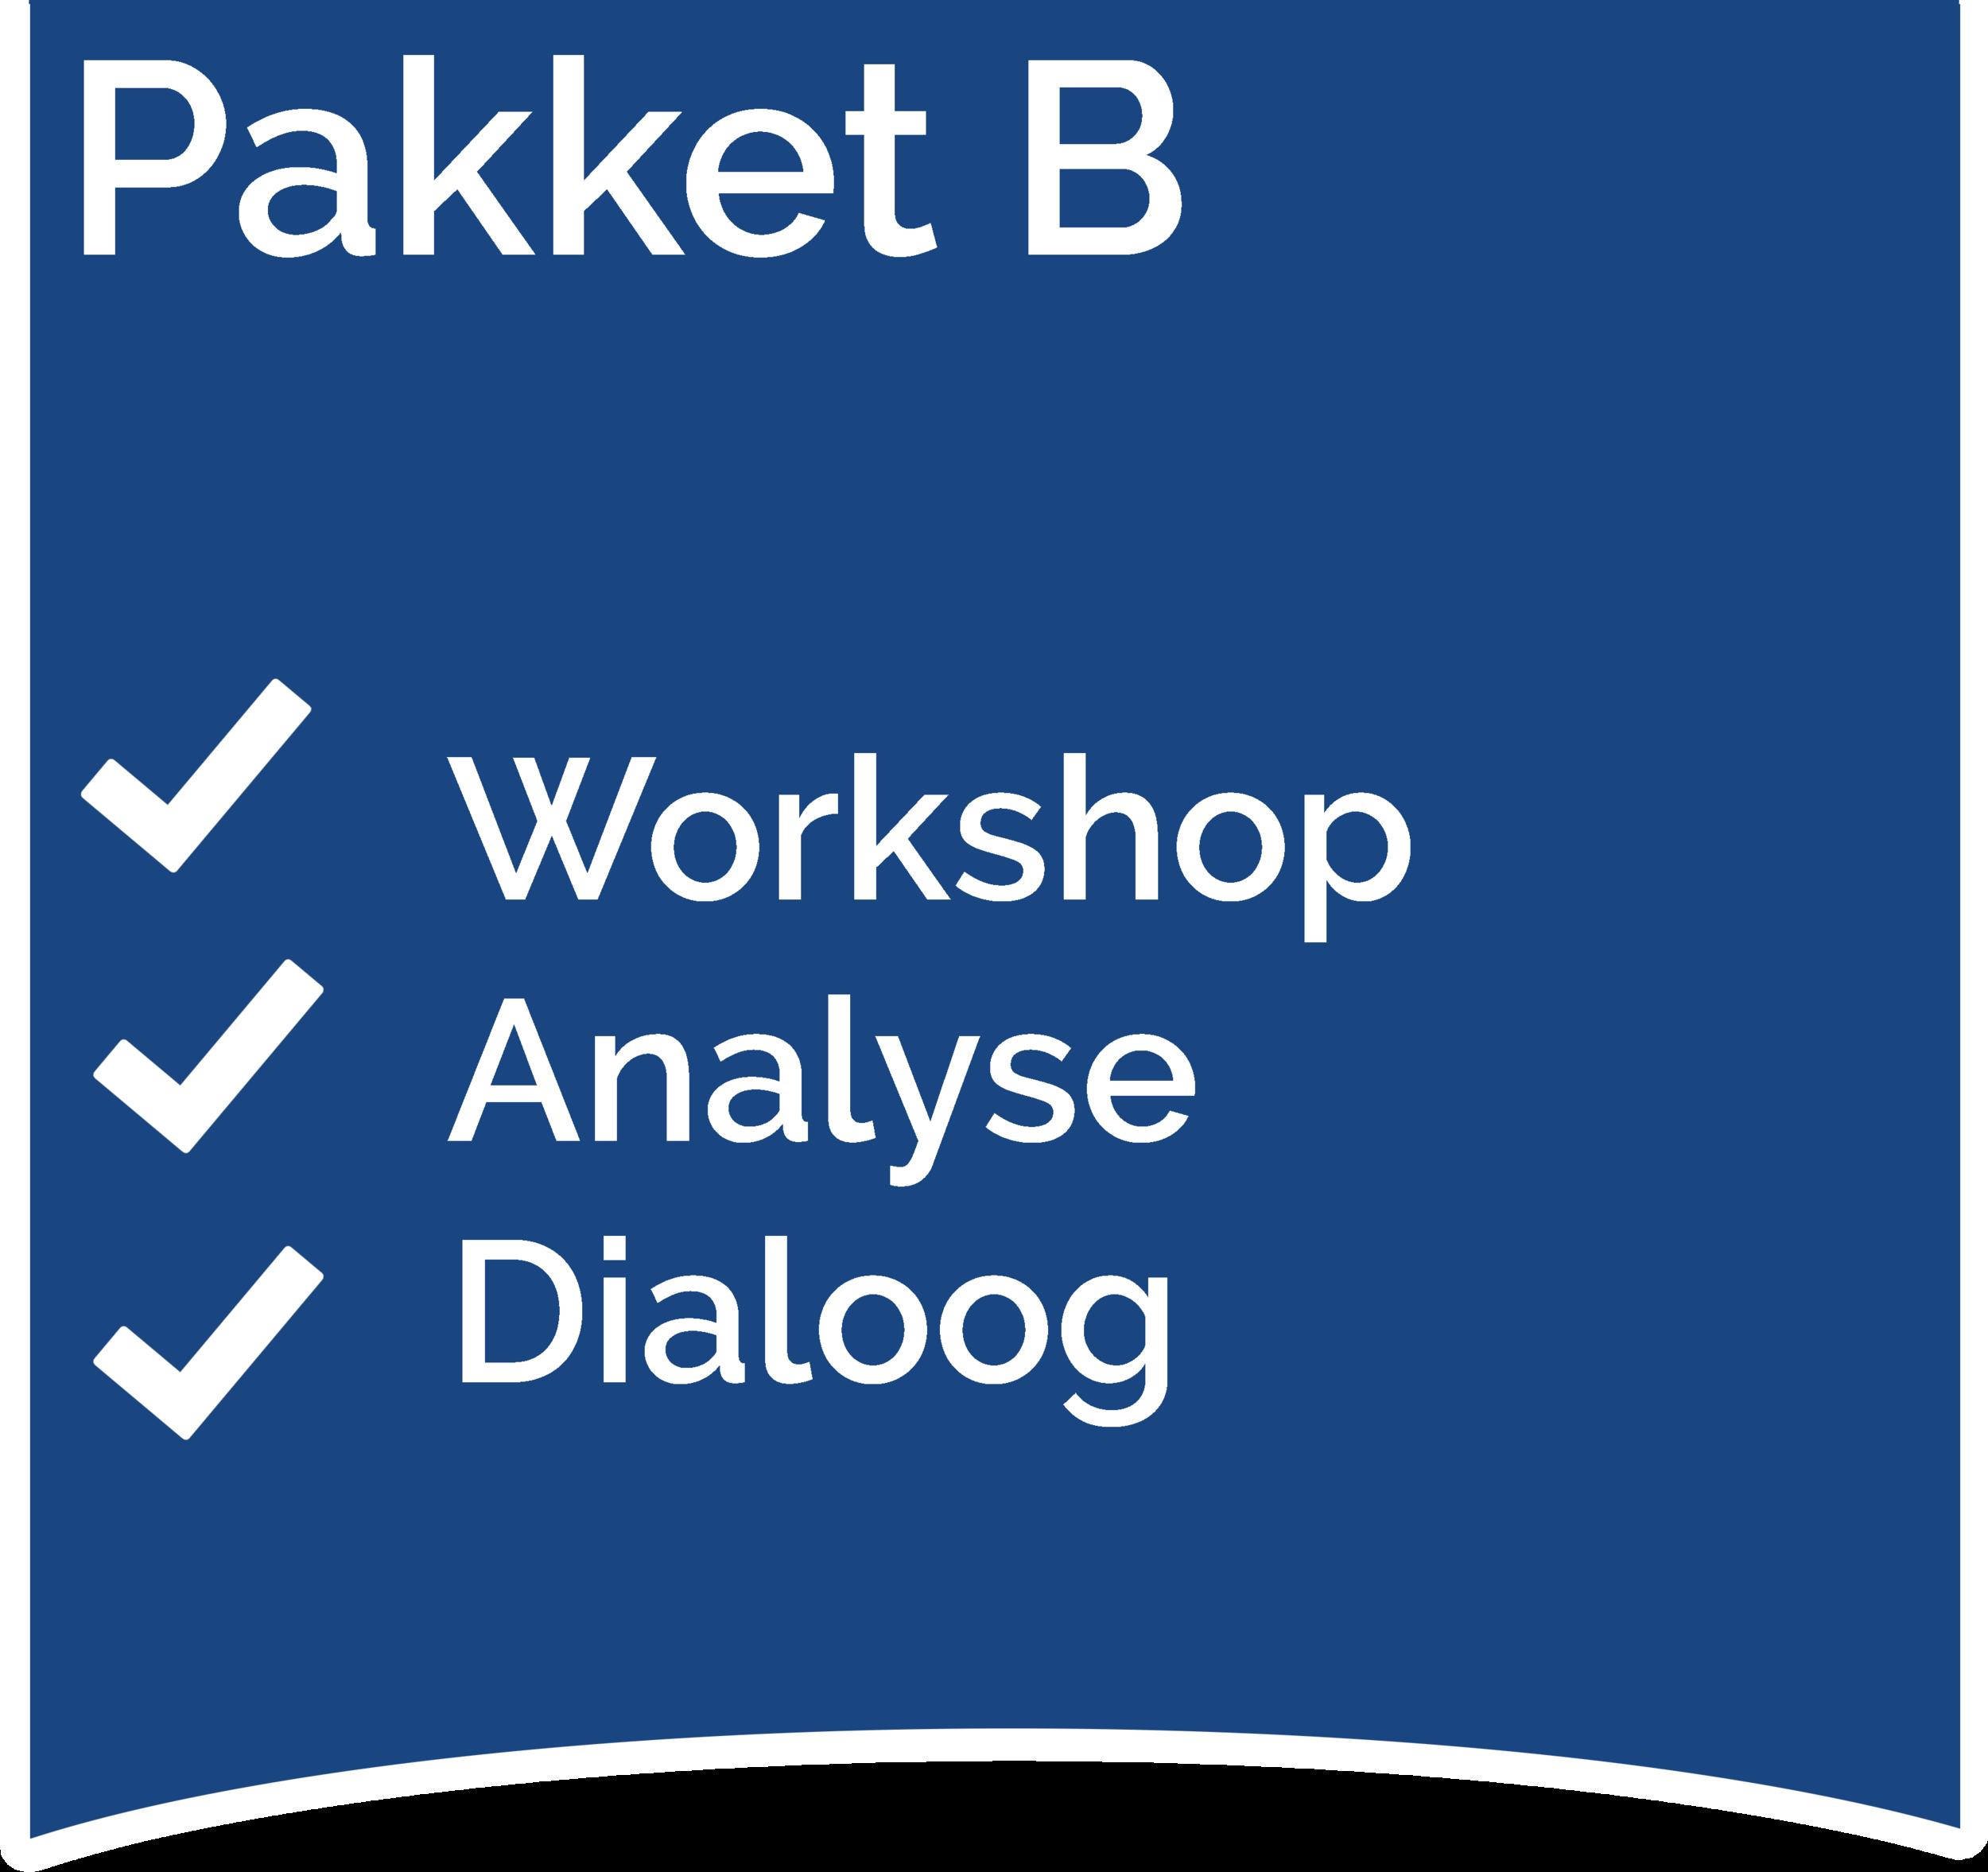 Medewerkersdialoog Workshop, Analyse en Dialoog